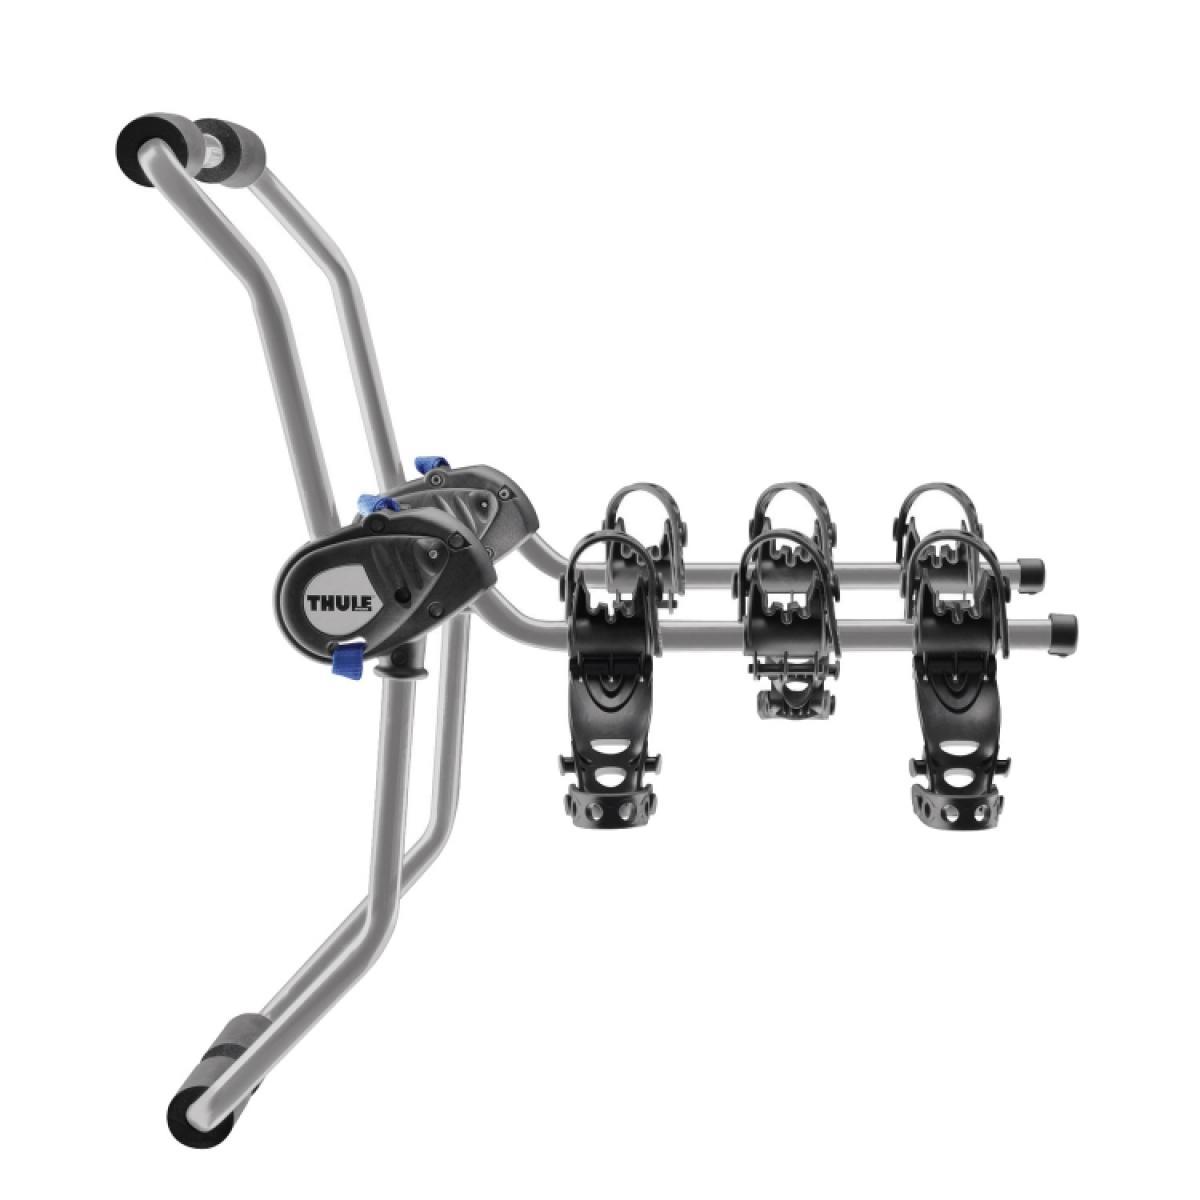 Thule Thule Venture 3 Bike Trunk Rack Reviews